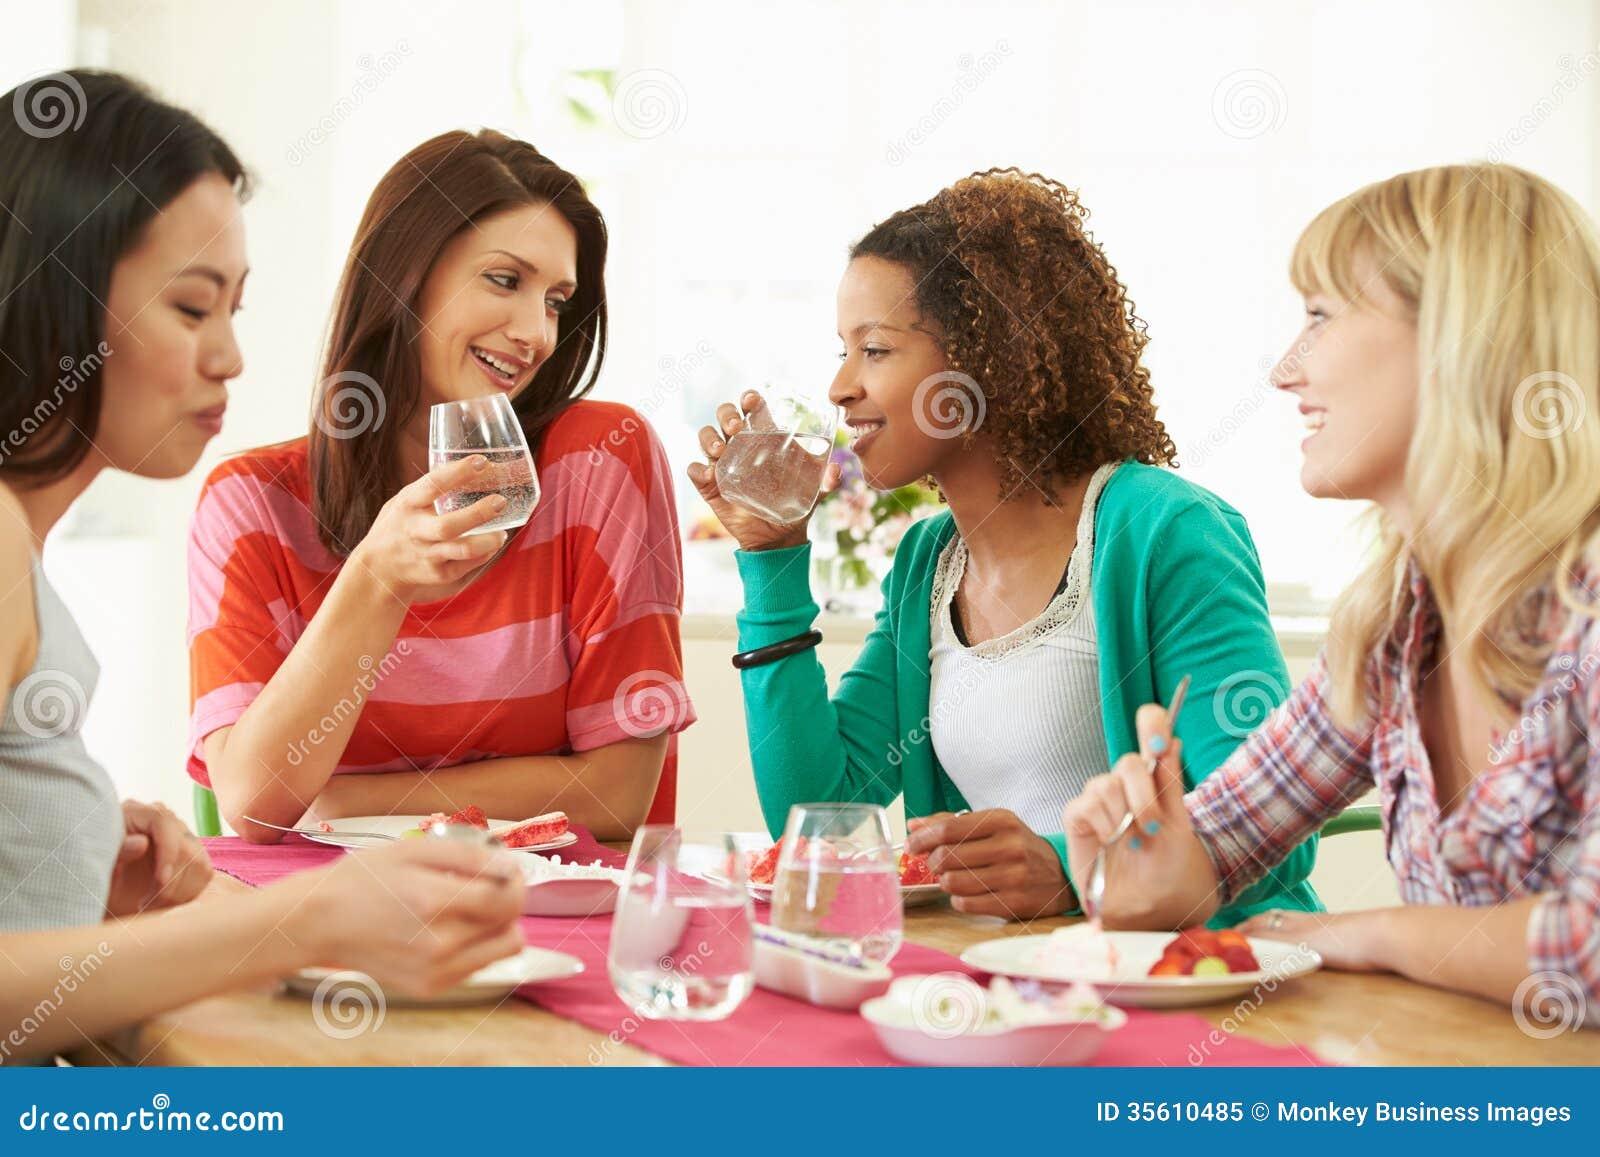 Grupp av kvinnor som sitter runt om tabellen som äter efterrätten